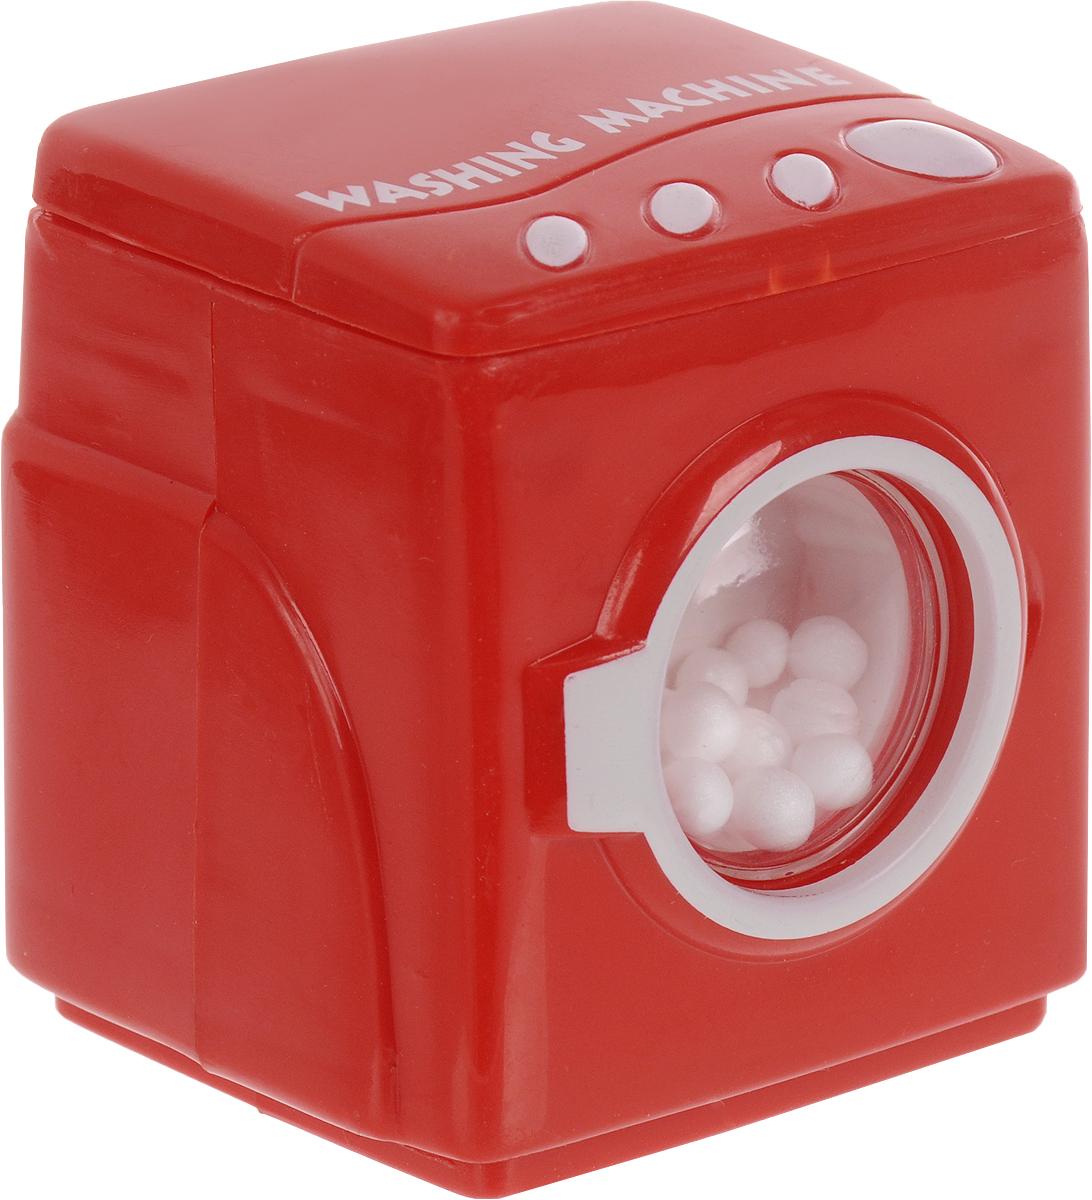 EstaBella Заводная игрушка Стиральная машинка цвет красный ролевые игры dolu игрушечная стиральная машинка